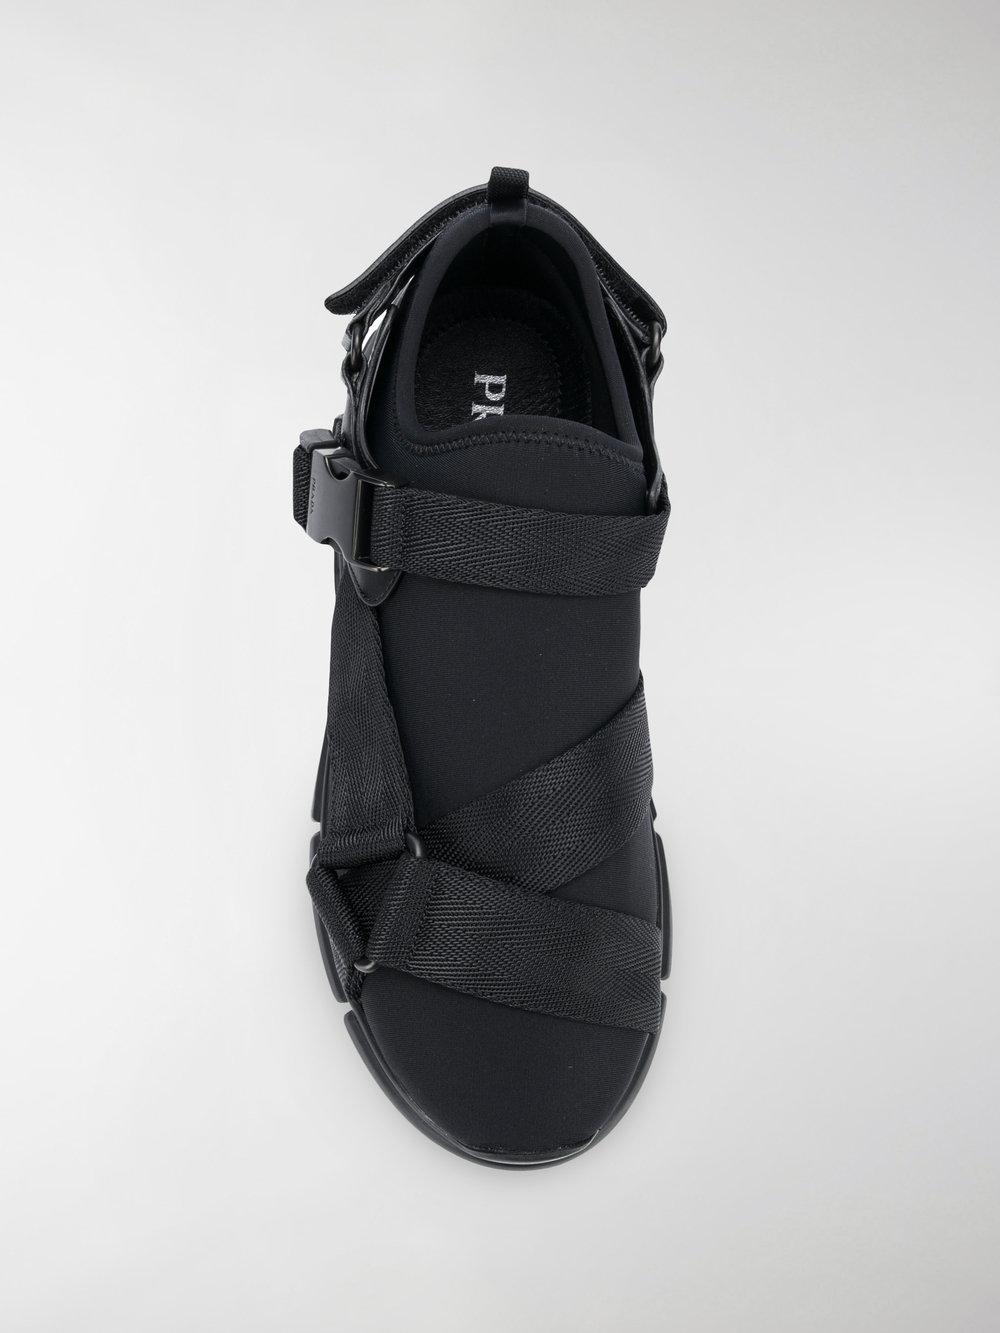 Prada Slipper Neoprene in Black